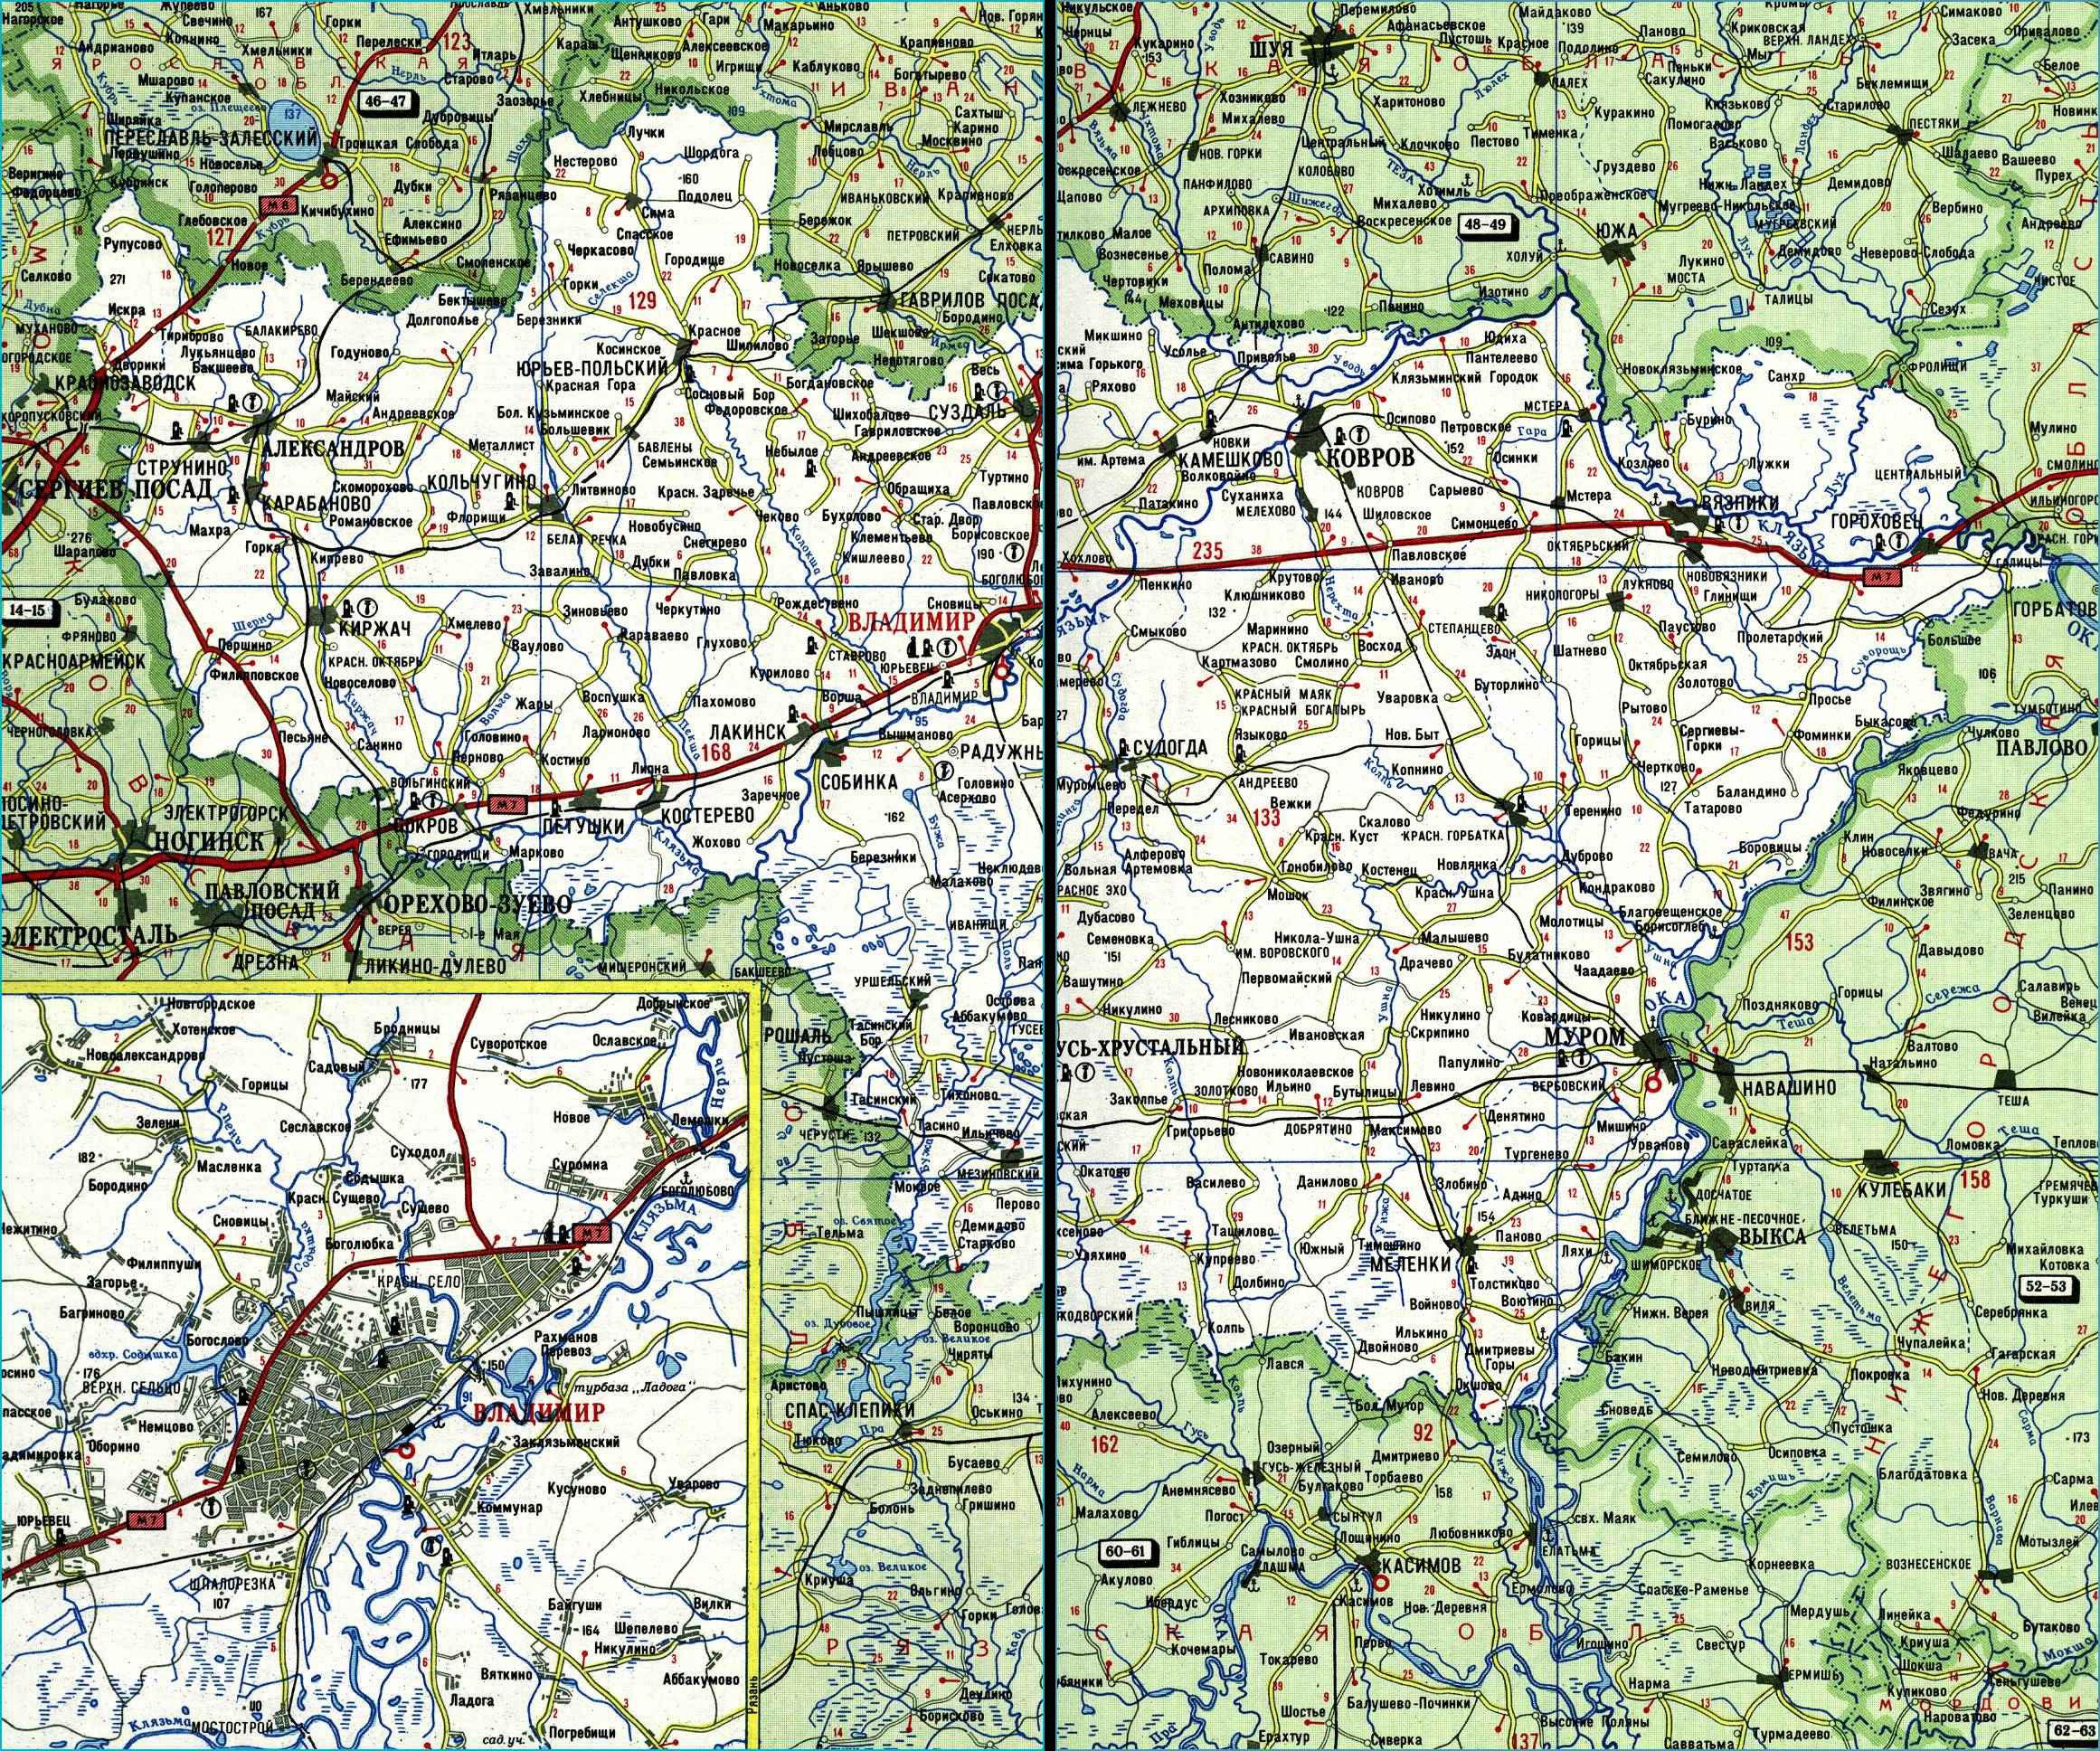 Карта автодорог Владимирской области